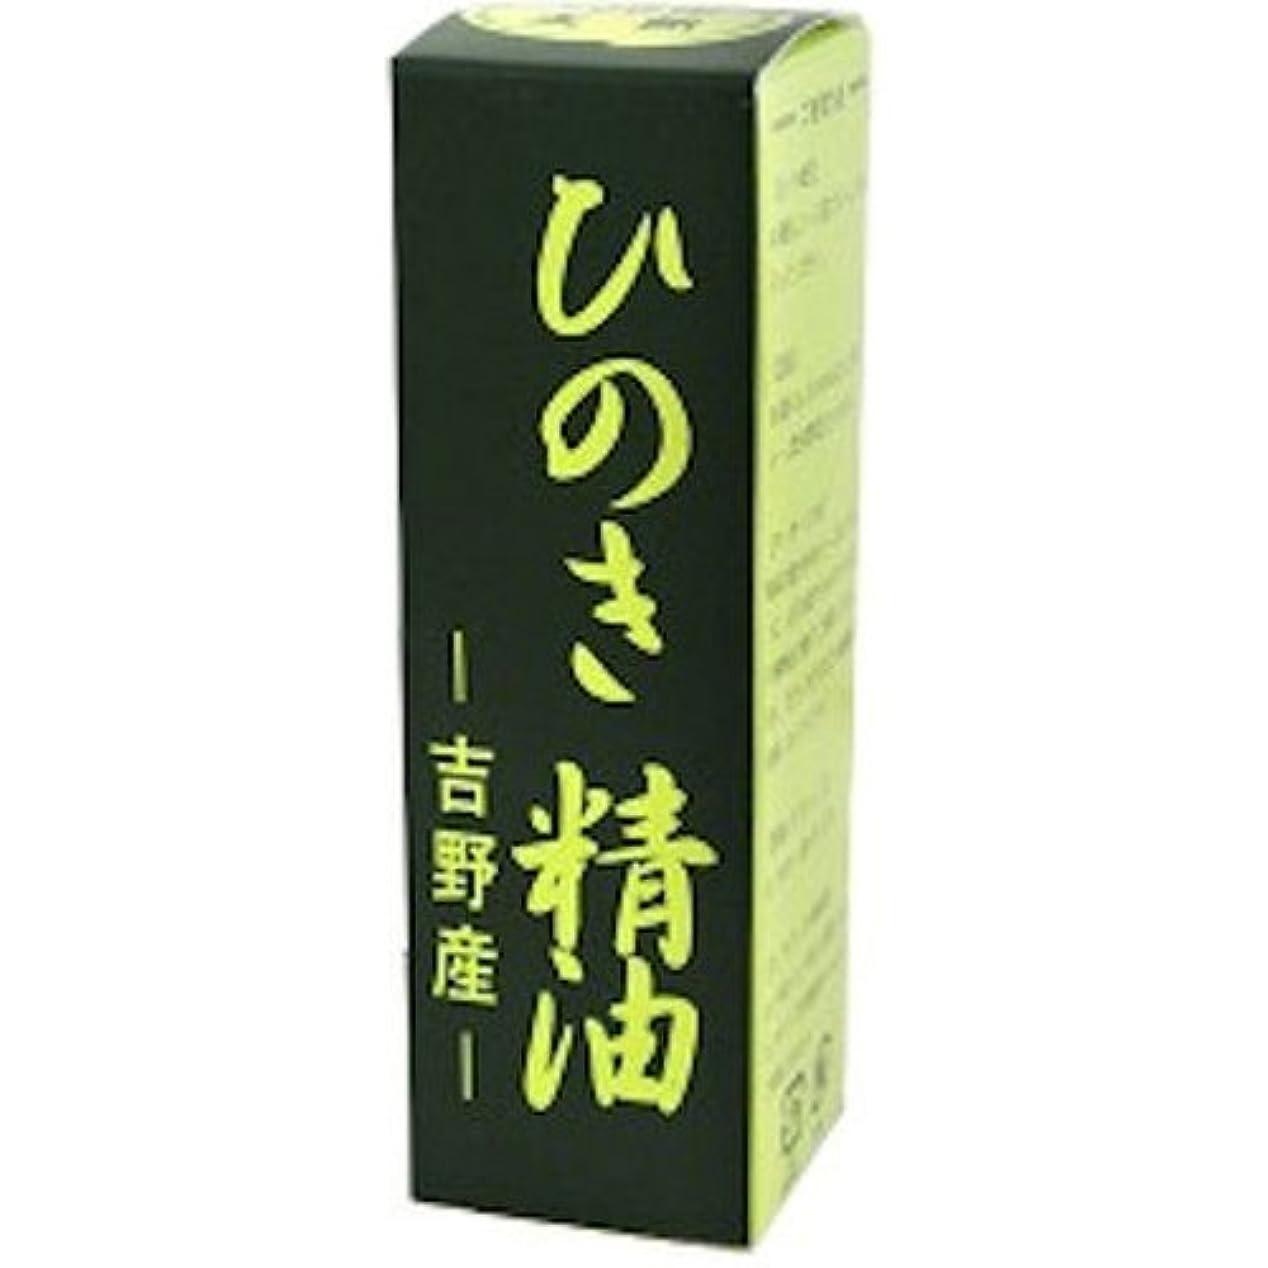 予防接種するナット同様の吉野ひのき精油(エッセンスオイル) 30ml